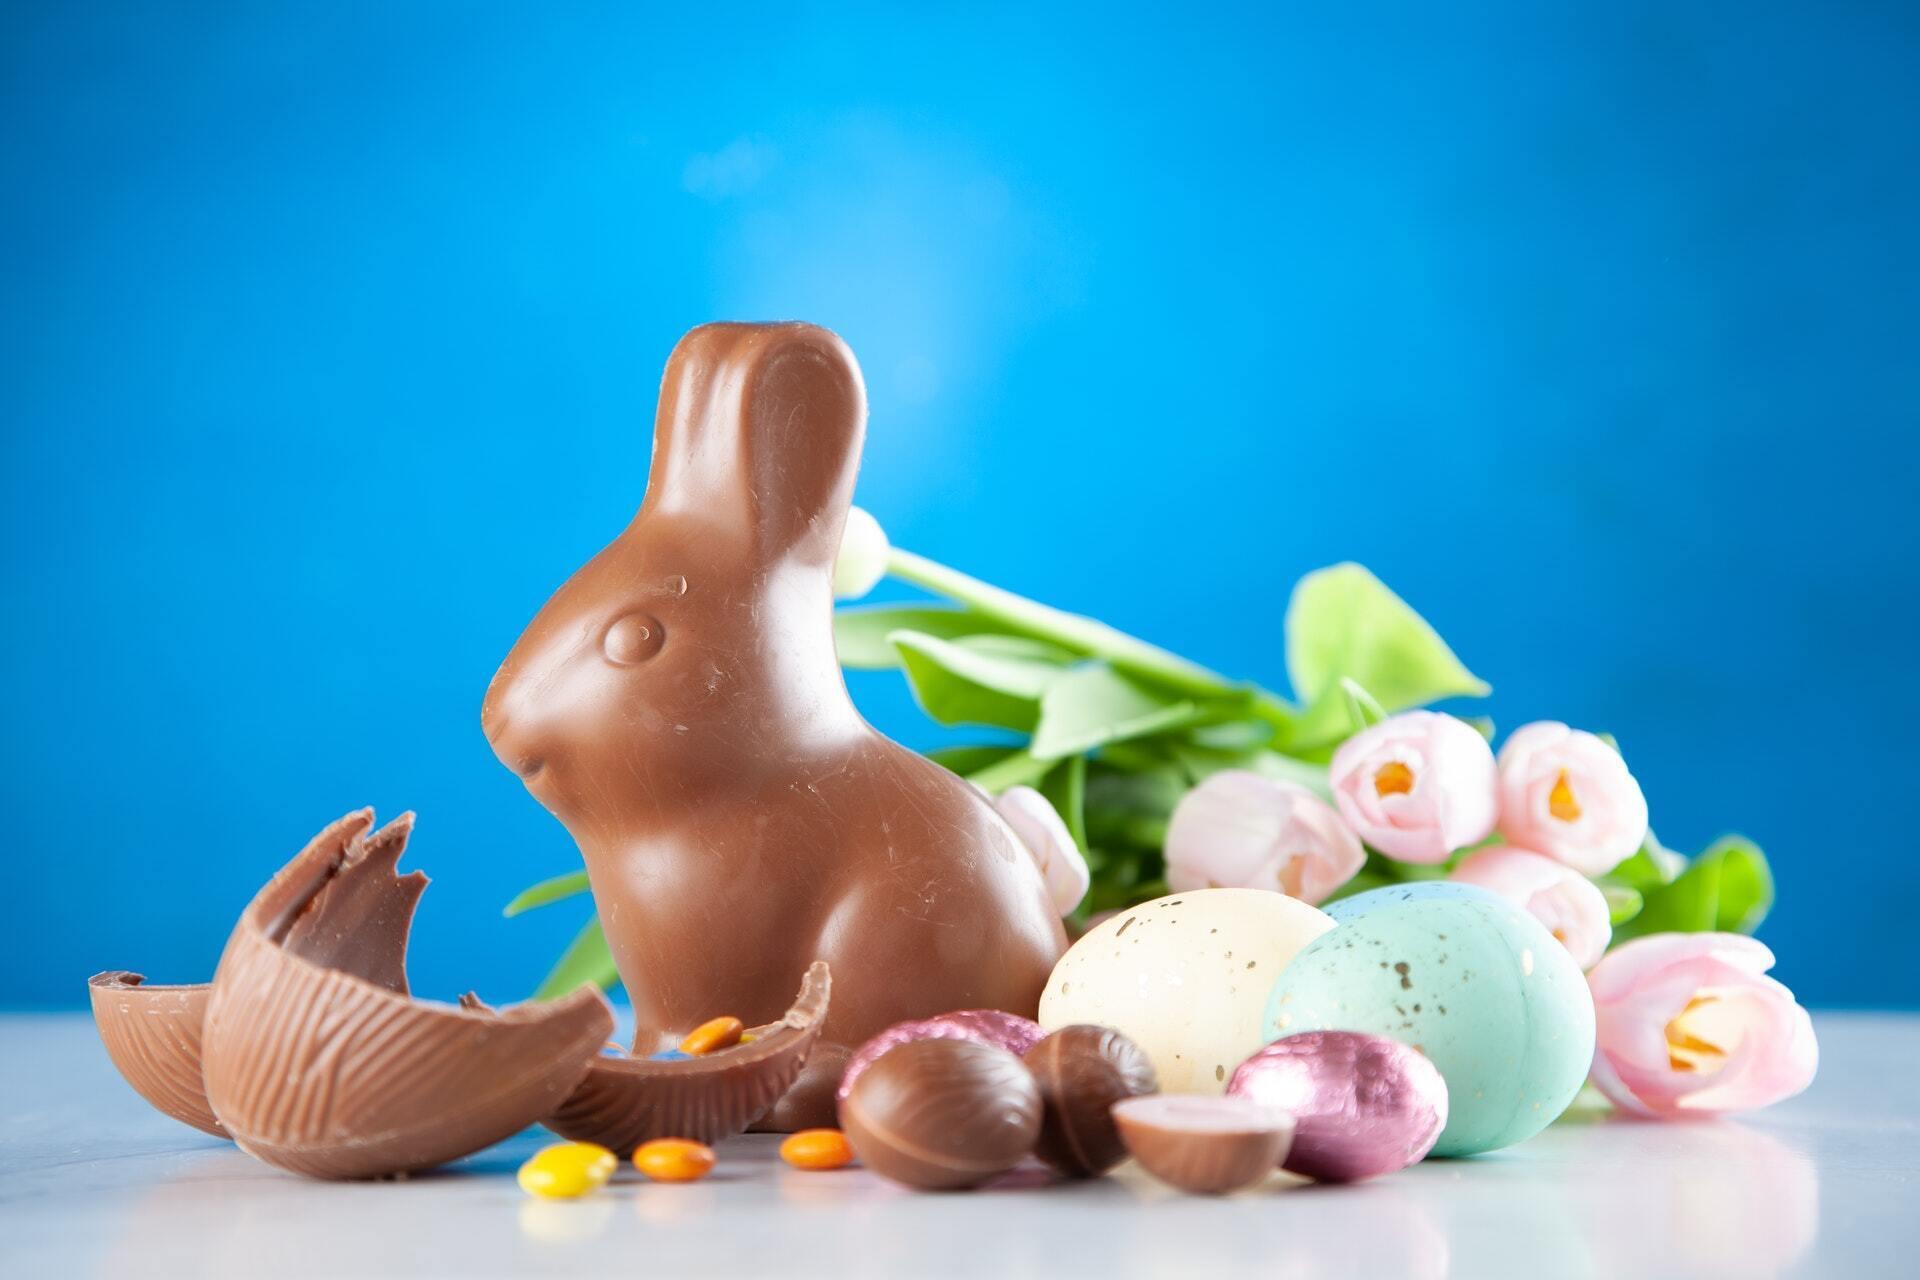 Крашанки и пасхальный кролик – главные символы католической Пасхи